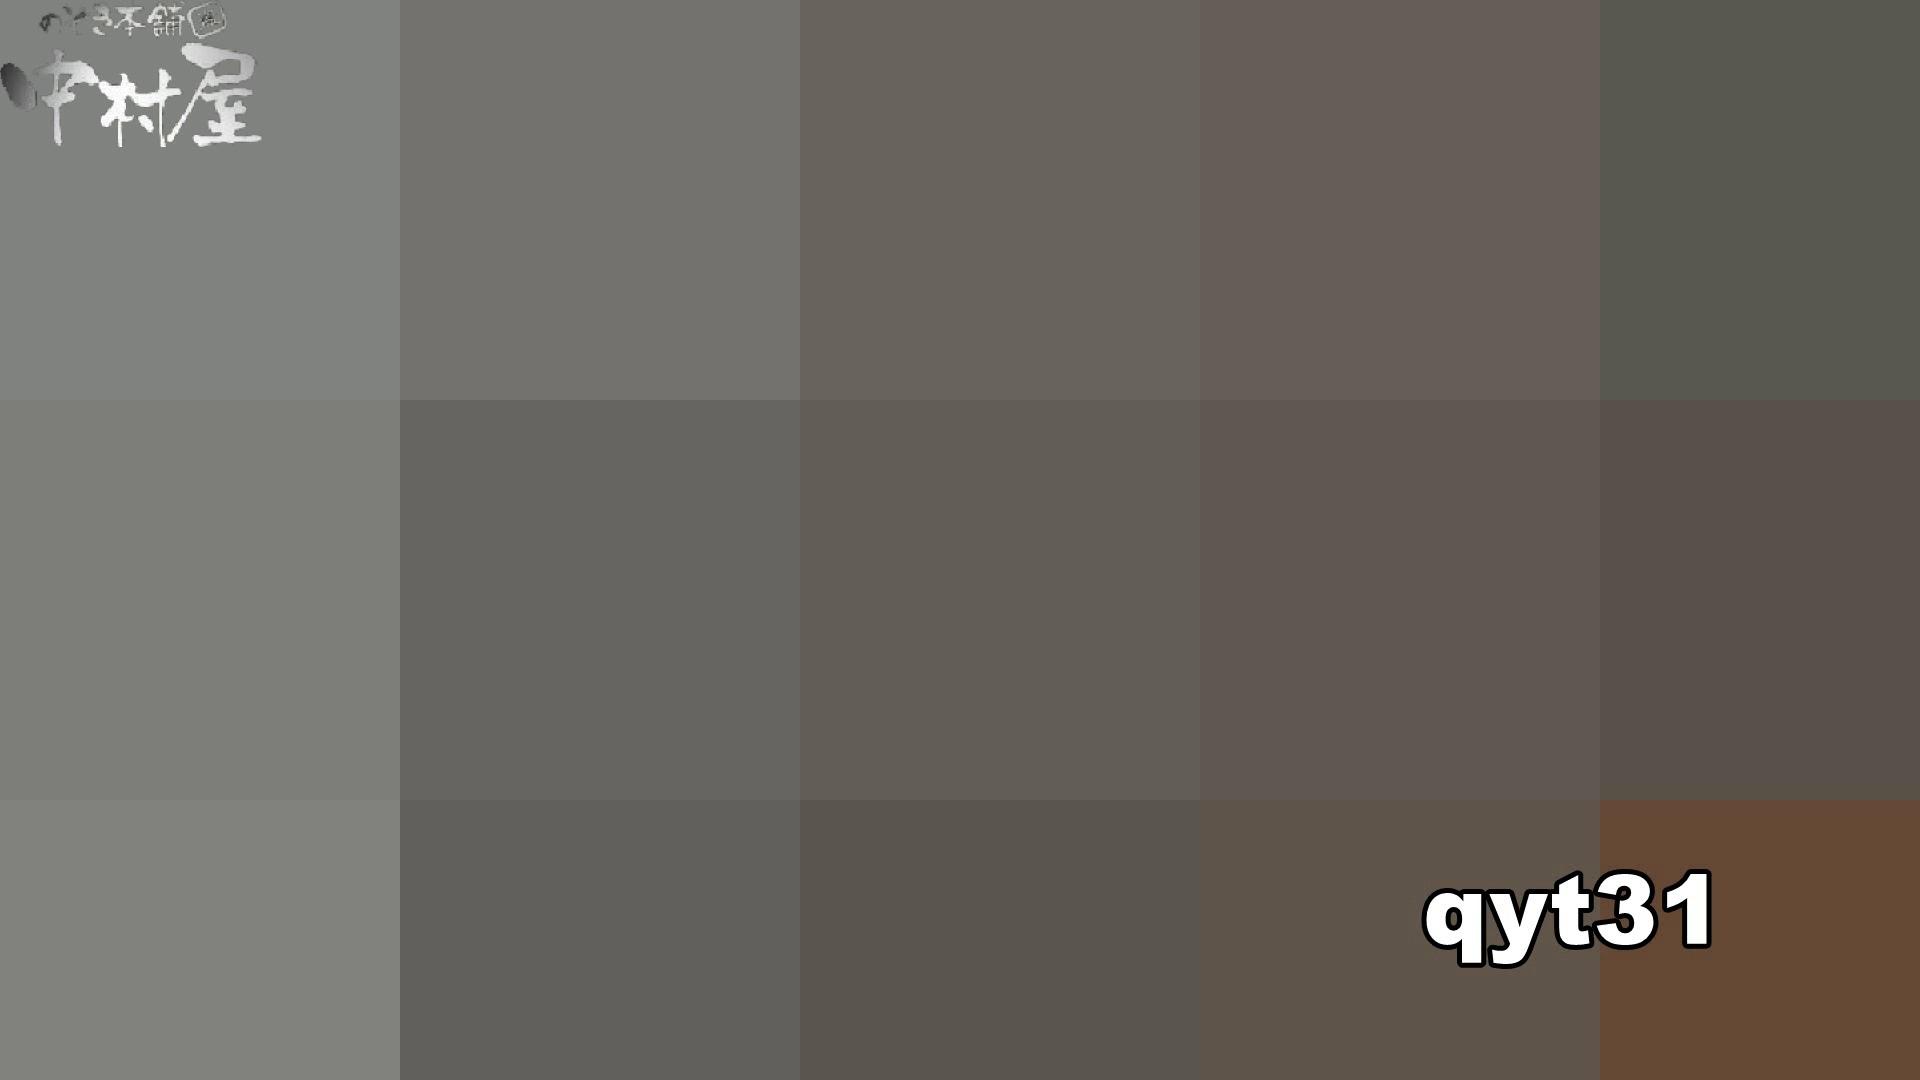 【お銀さんの「洗面所突入レポート!!」】お銀さんの「洗面所突入レポート!!」 vol.31 Σ(||゚Д゚)ヒィ~!! OLセックス | 洗面所  66画像 9